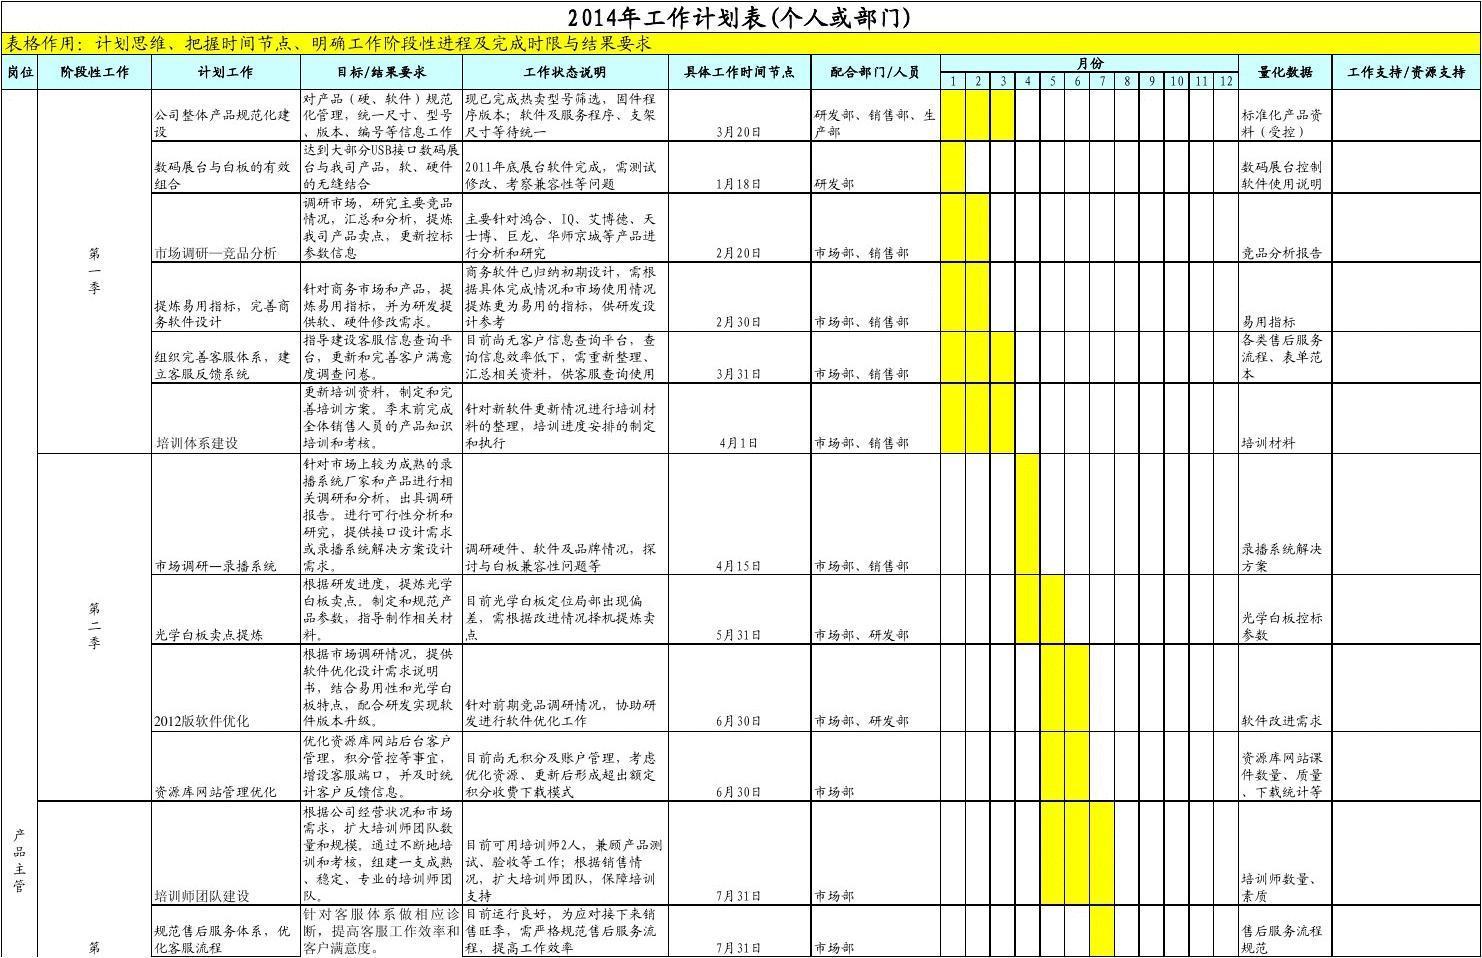 个人工作周计划表_通用模板-年度工作计划表格_word文档在线阅读与下载_免费文档